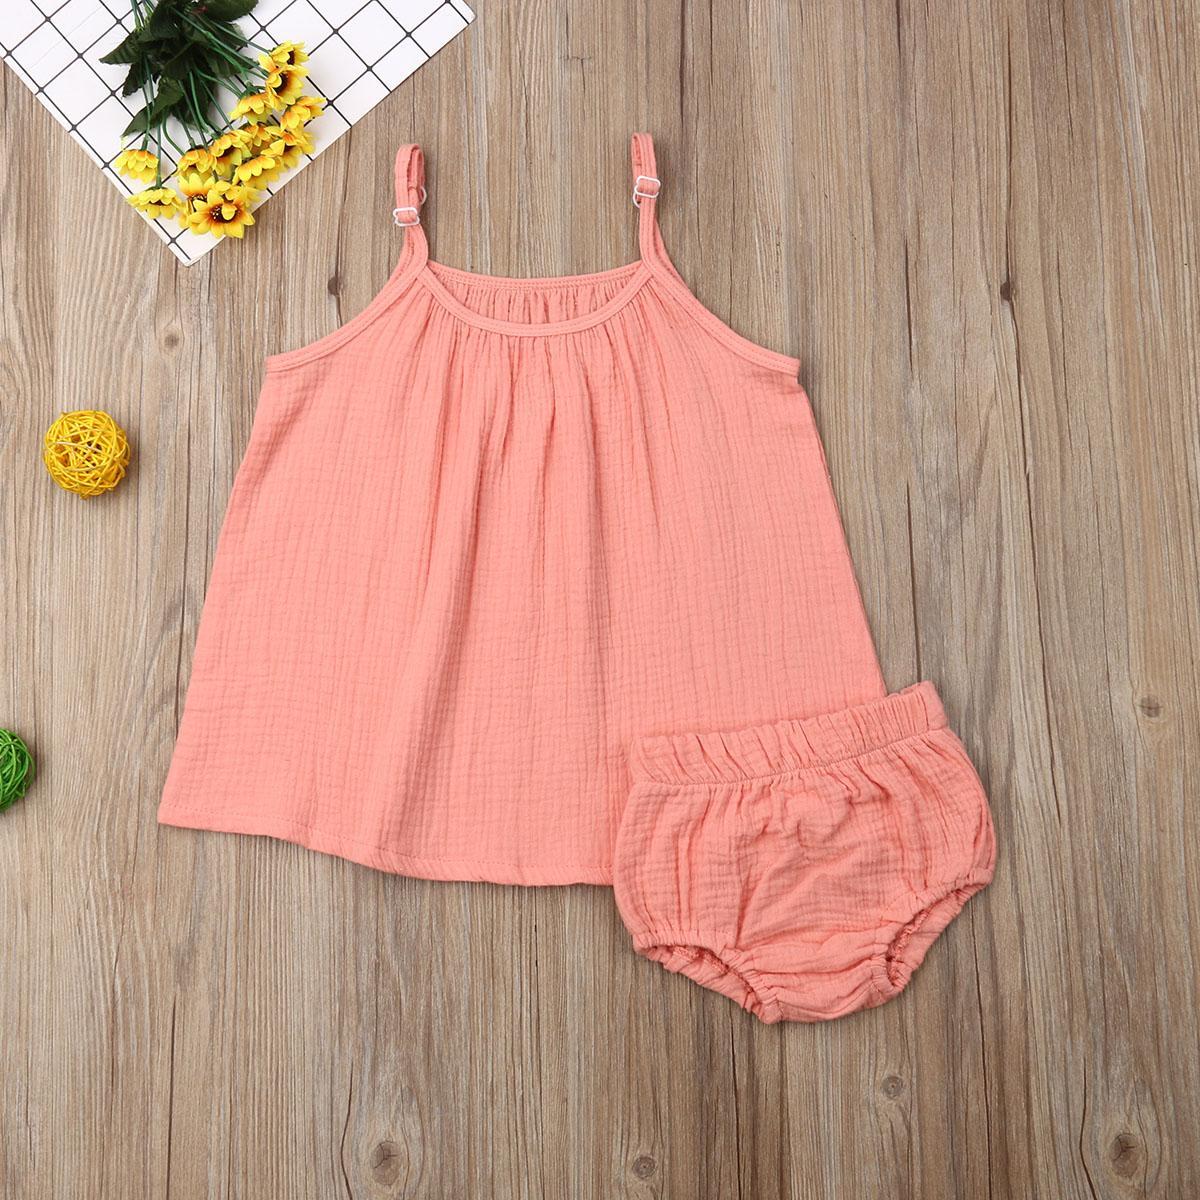 Bambino dei capretti neonate colore solido senza maniche lunghe Tops + mini shorts casuale vestiti del capretto abbigliamento estivo